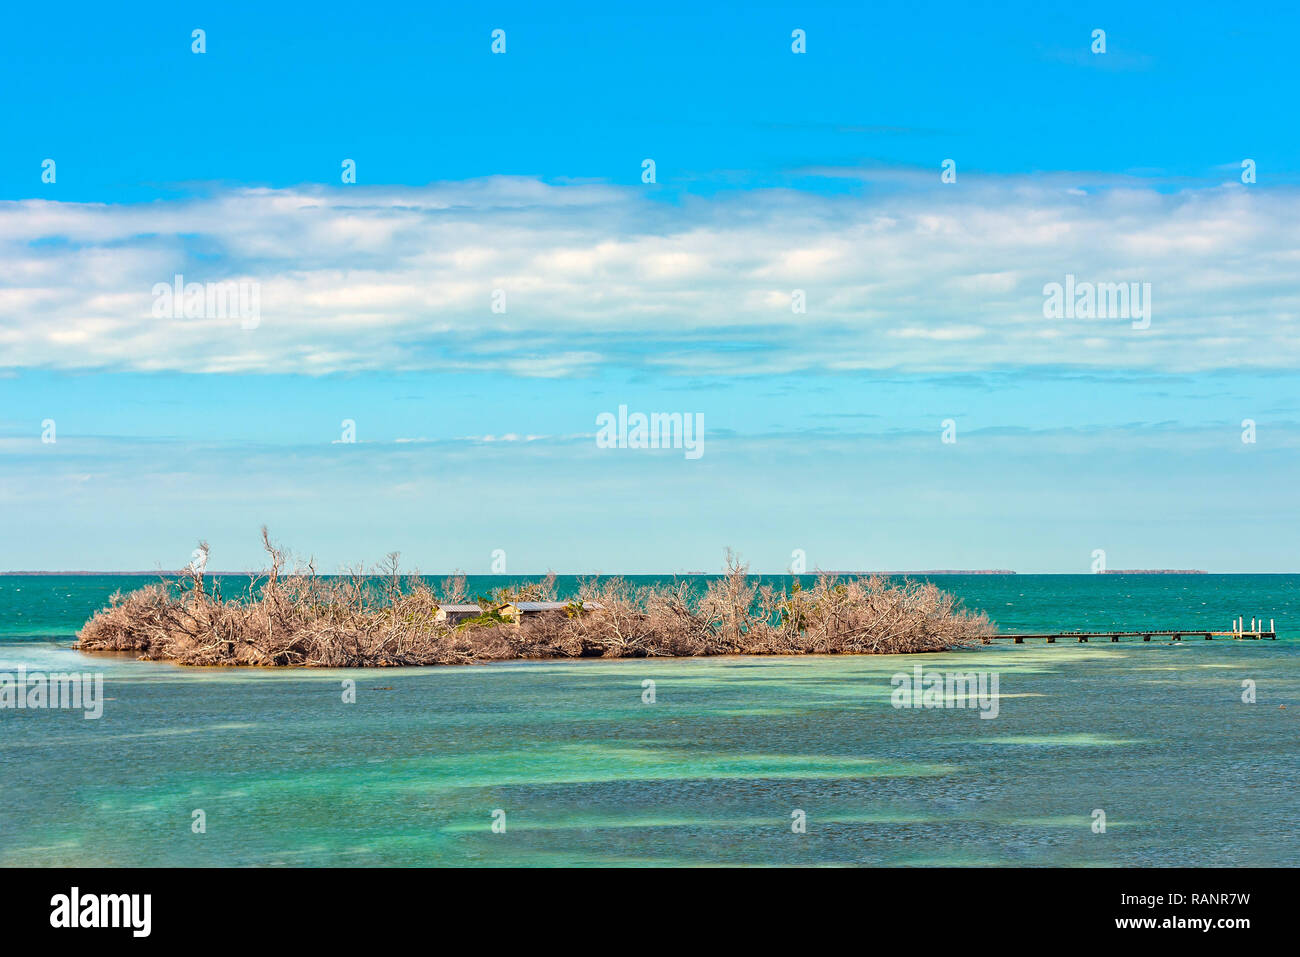 Poco denaro chiave, una piccola isola deserta circondate da bellissime crystal clear e acqua del mare turchese. Florida Keys. Immagini Stock